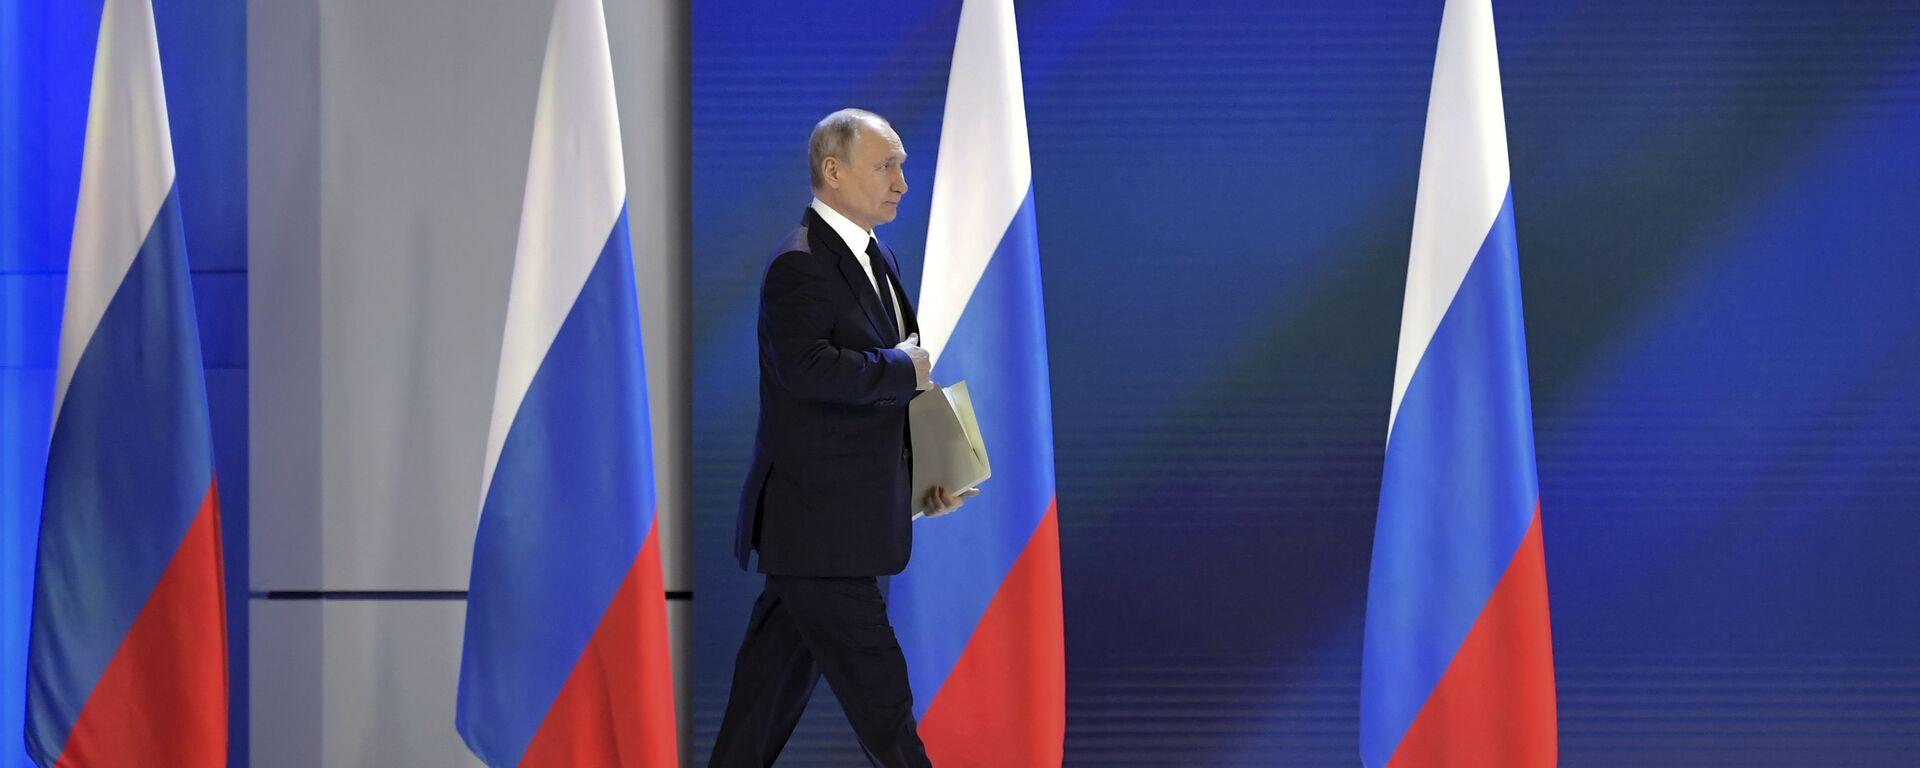 Президент РФ Владимир Путин перед началом выступления с ежегодным посланием Федеральному Собранию - Sputnik Արմենիա, 1920, 28.04.2021